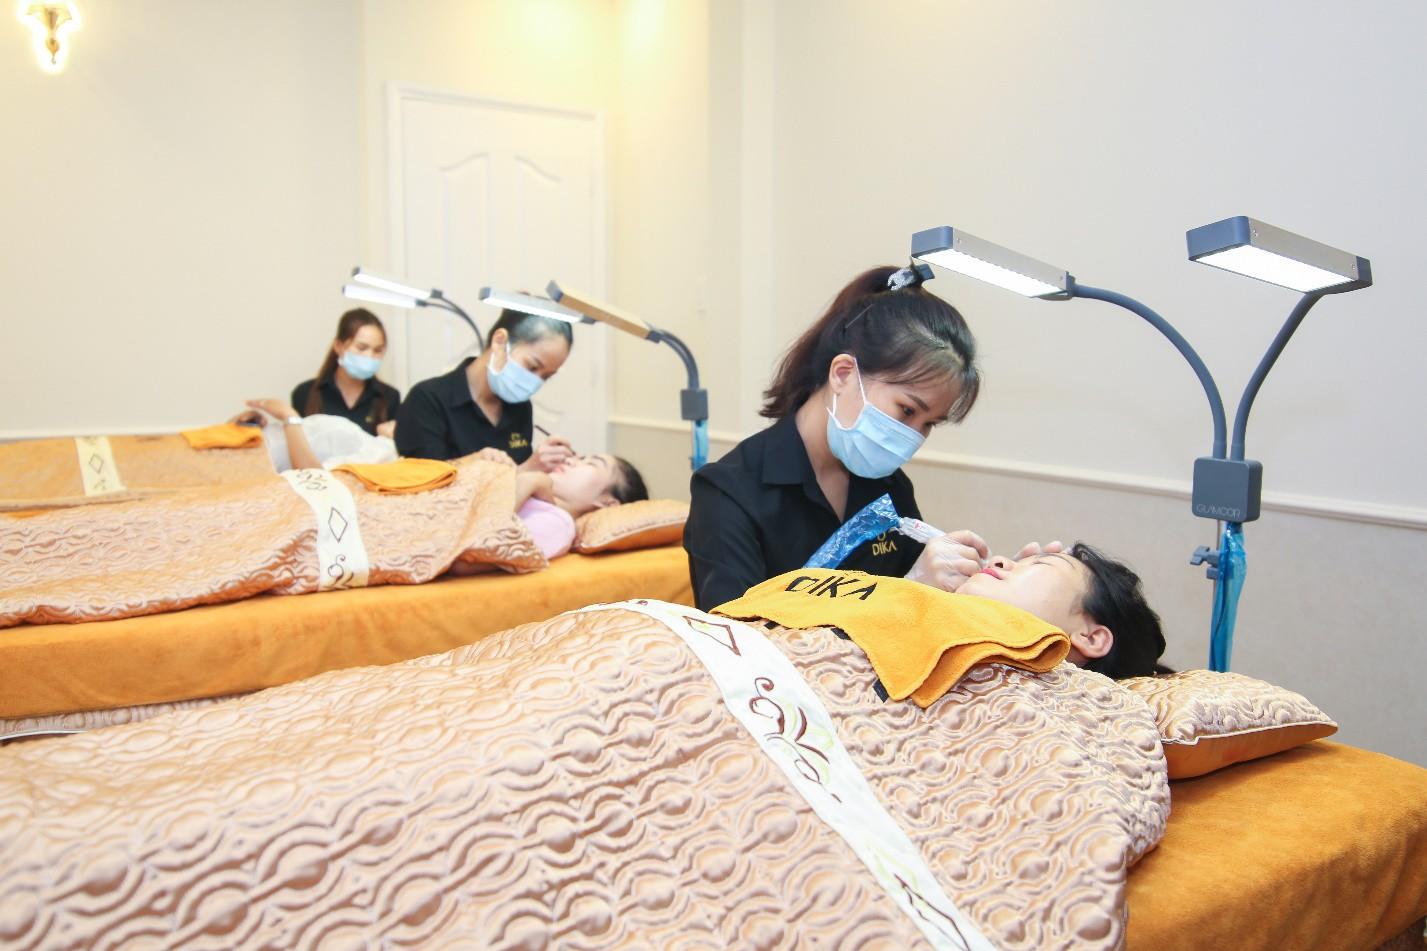 Hoa hậu Tiểu Vy ngời ngời khí chất dự khai trương viện phun xăm thẩm mỹ - Ảnh 8.